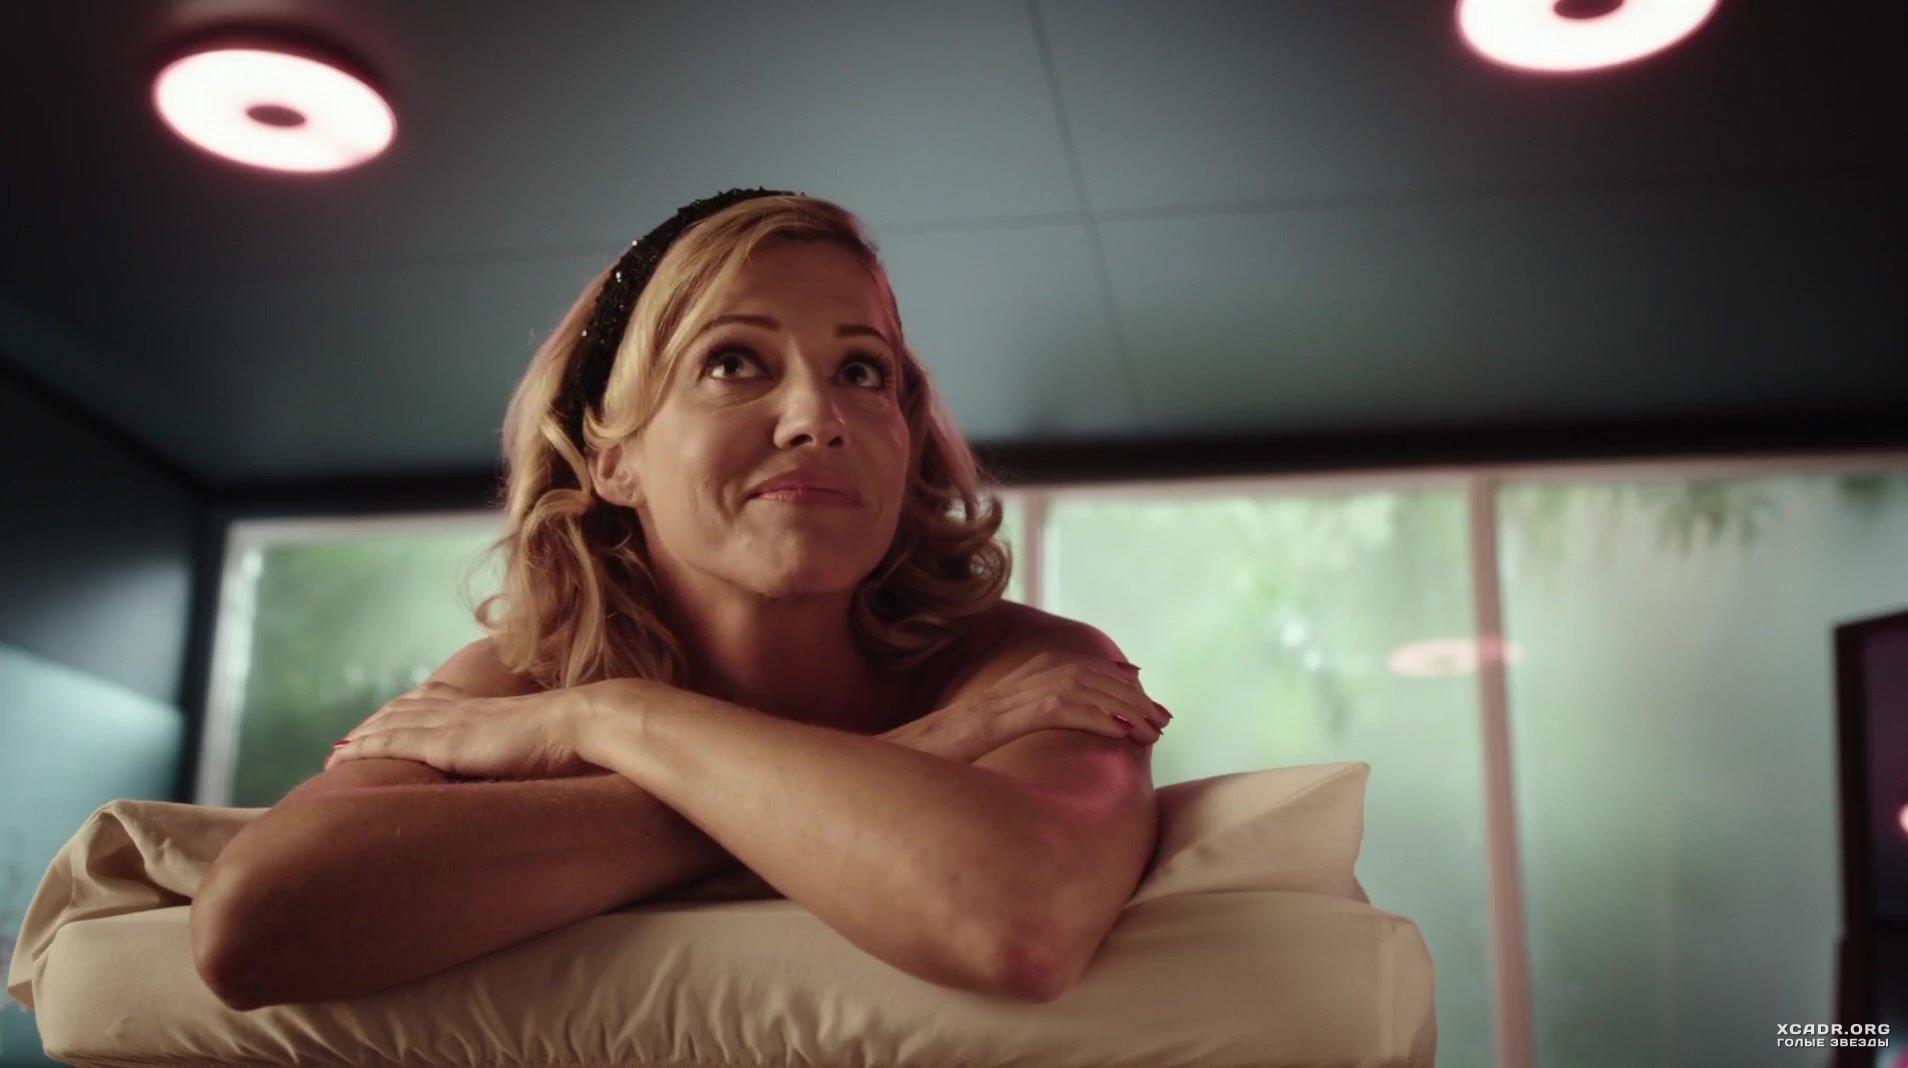 Секс Сцена С Тришей Хелфер – Вознесение (2014)